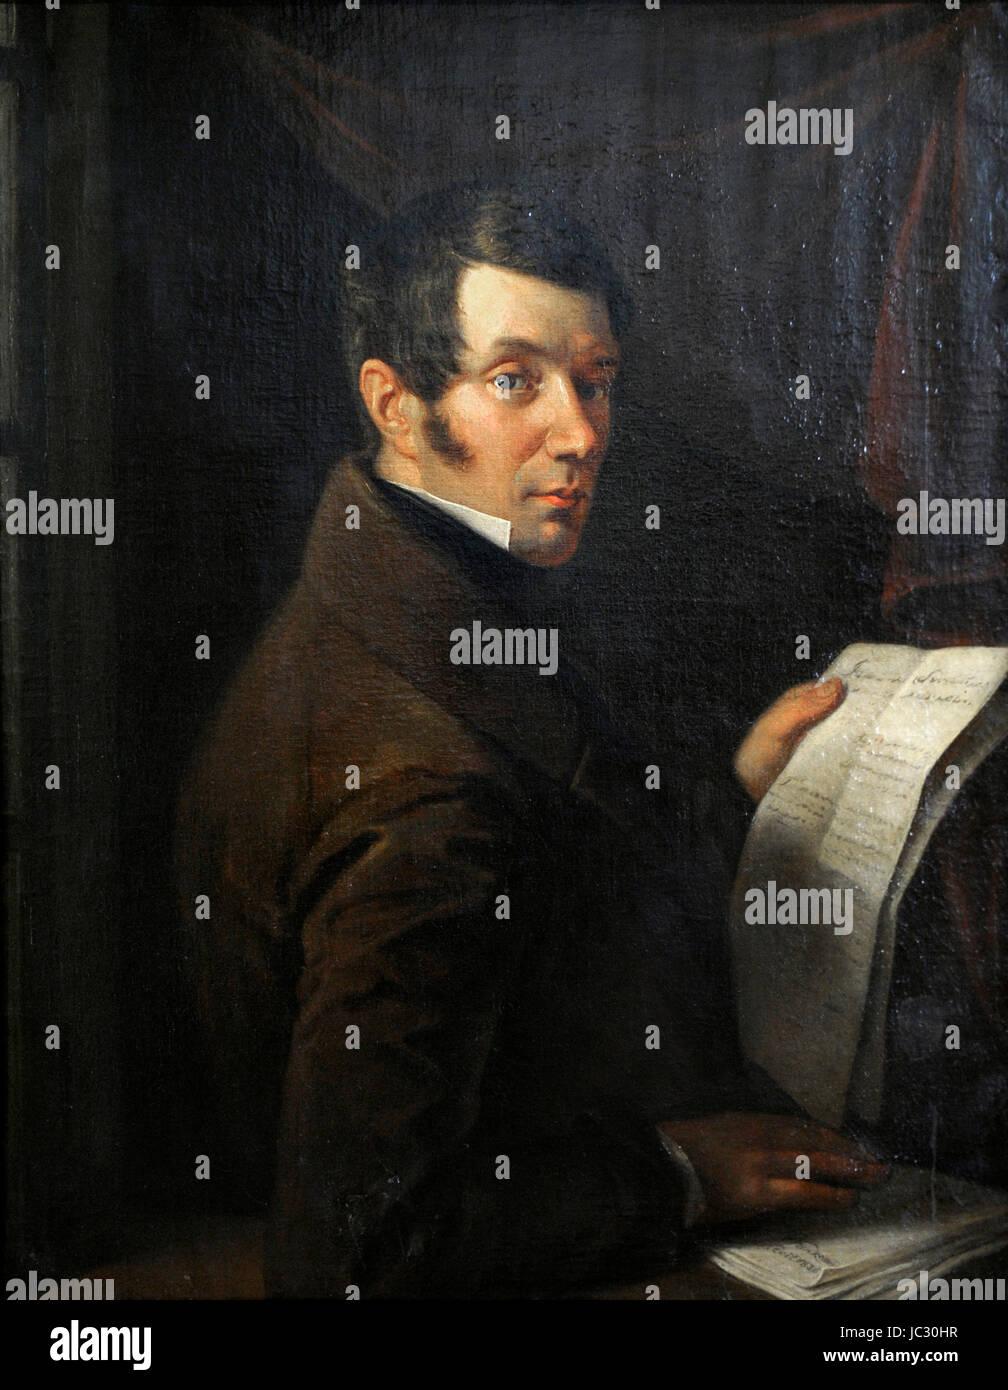 Kazimierz Piasecki (1798-1882). Lawyer, an Alumnus of Vilnius University. Portrait, 1836. By painter Walenty Wankowicz - Stock Image